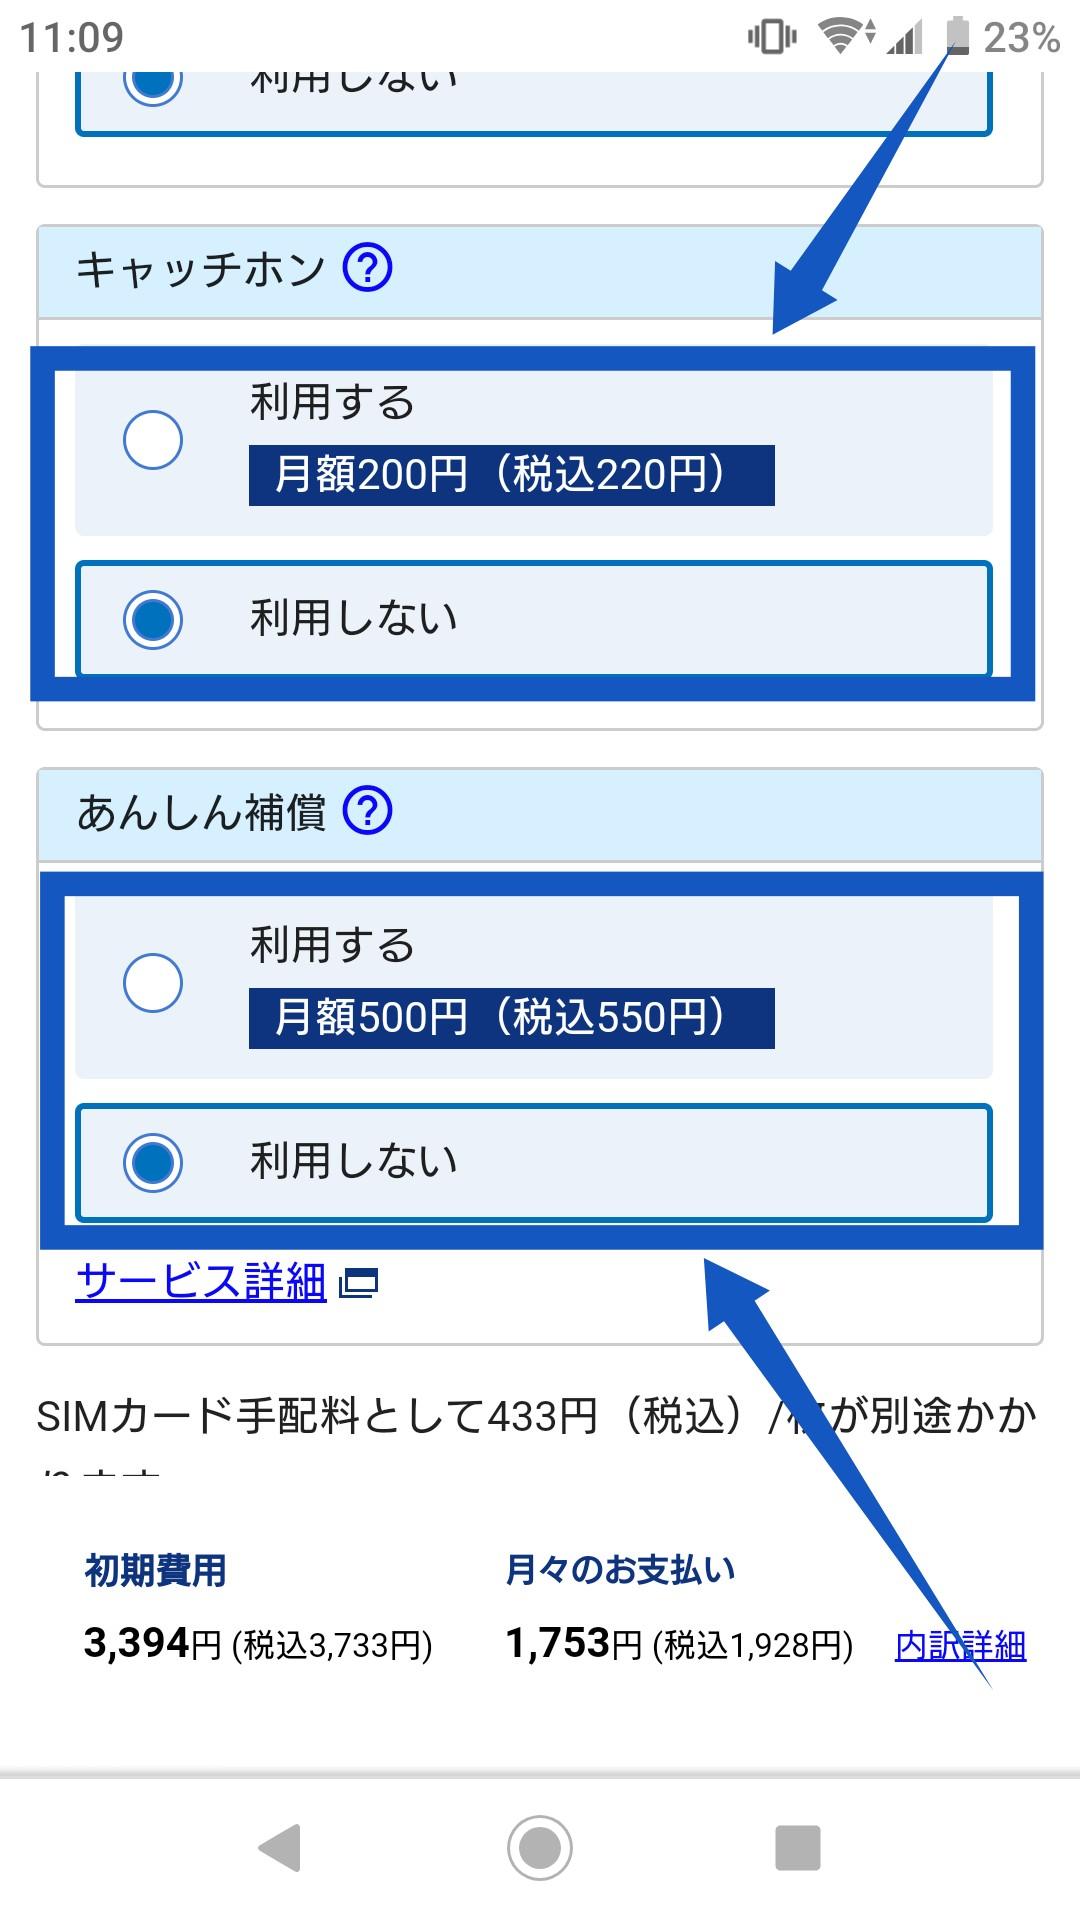 OCNモバイルONEのあんしん補償の申し込み方法